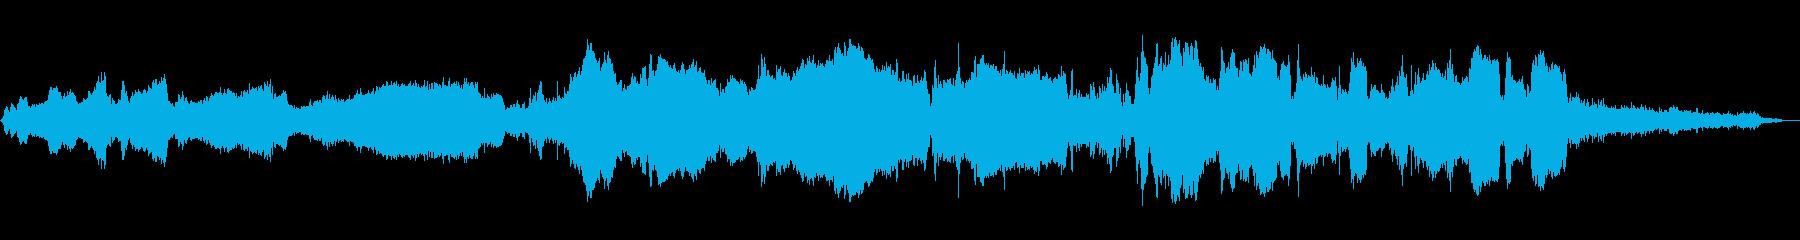 車 Saab 92ドライブインテリア02の再生済みの波形